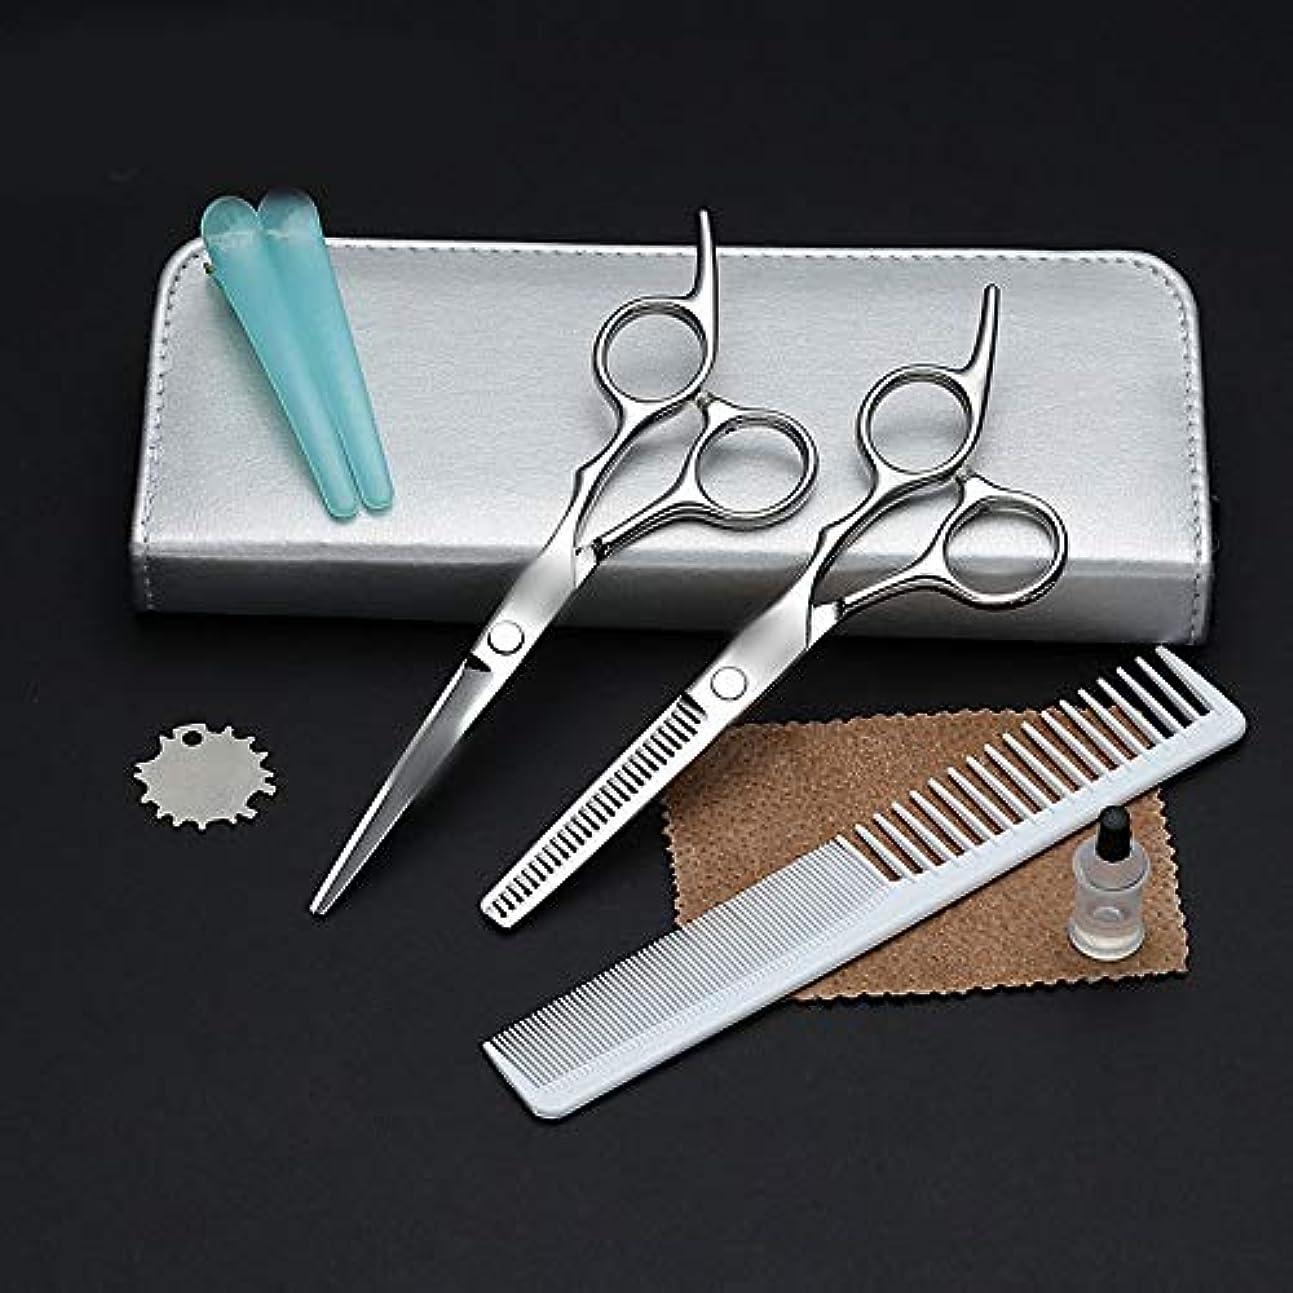 アコーサイバースペースタフ理髪はさみセット、家族の大人の子供のフラット+歯シザーヘアツールセット モデリングツール (色 : Silver)